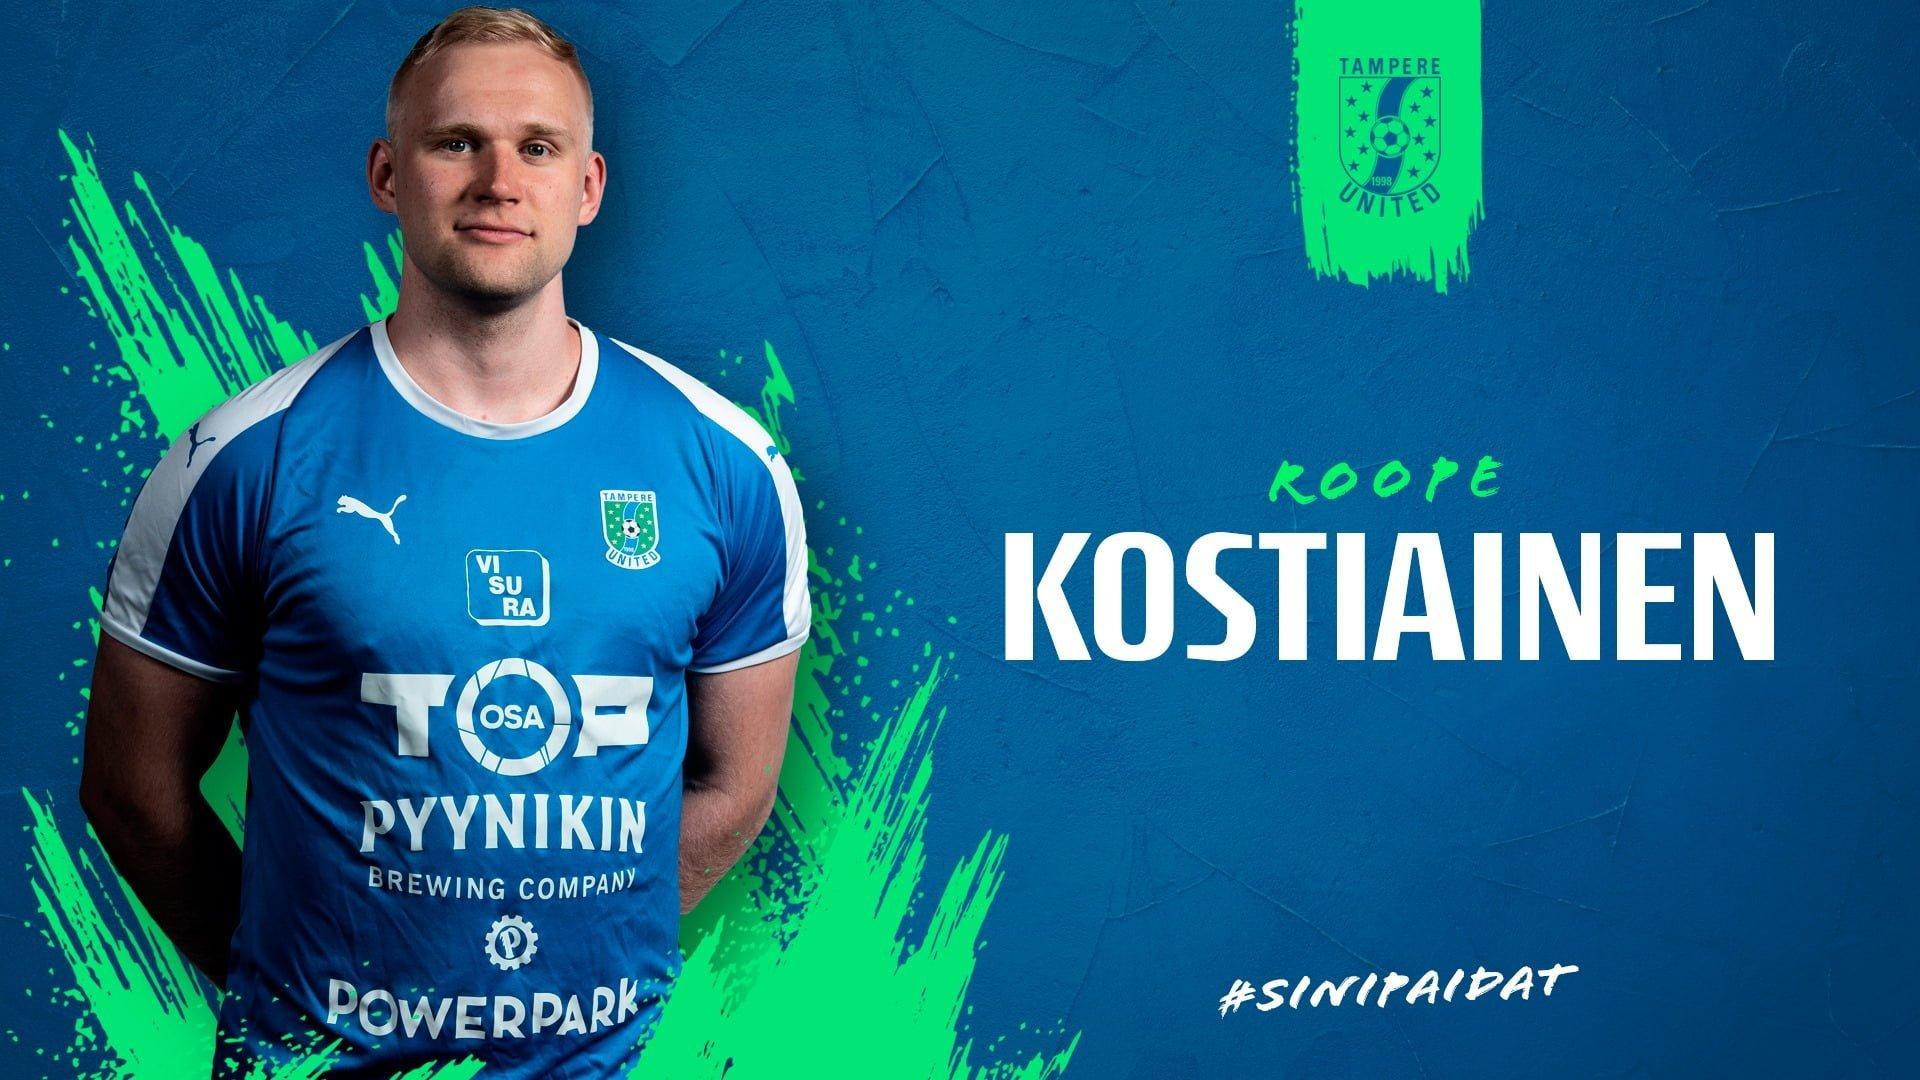 Roope Kostiainen jatkaa Tampere Unitedissa -uutiskuva